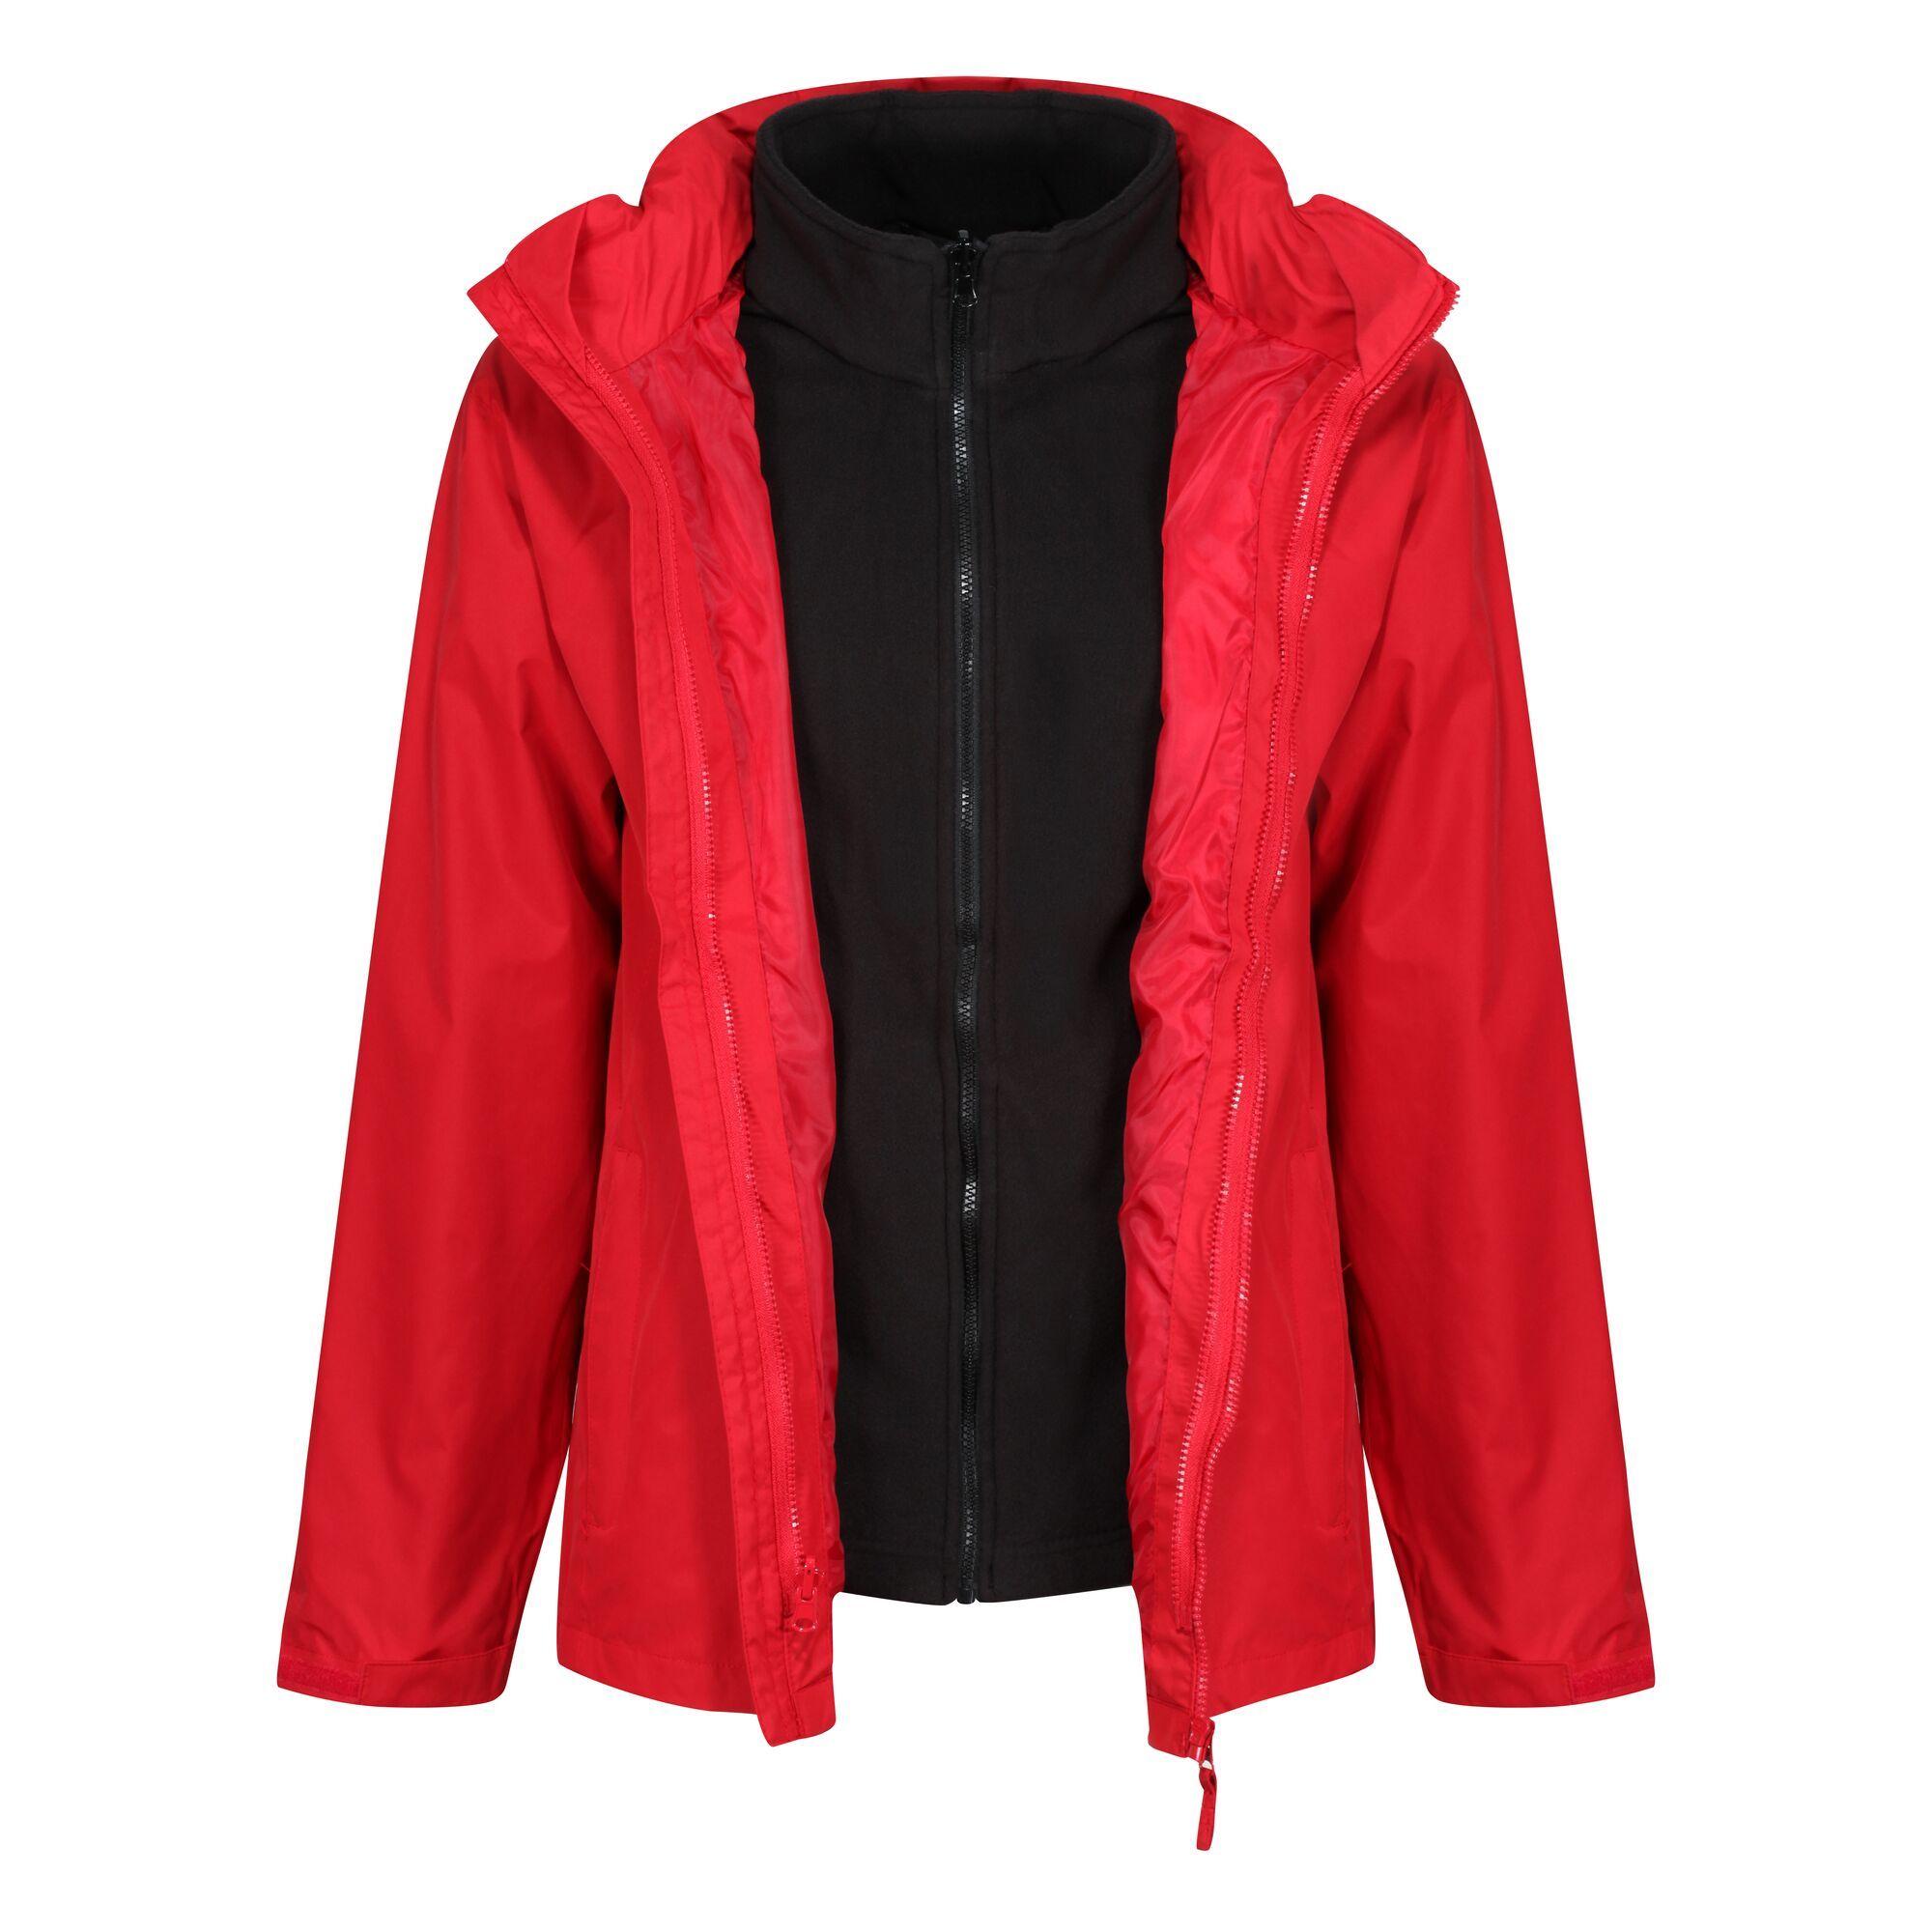 Regatta Mens Classic Waterproof Jacket (3XL) (Classic Red/Black)